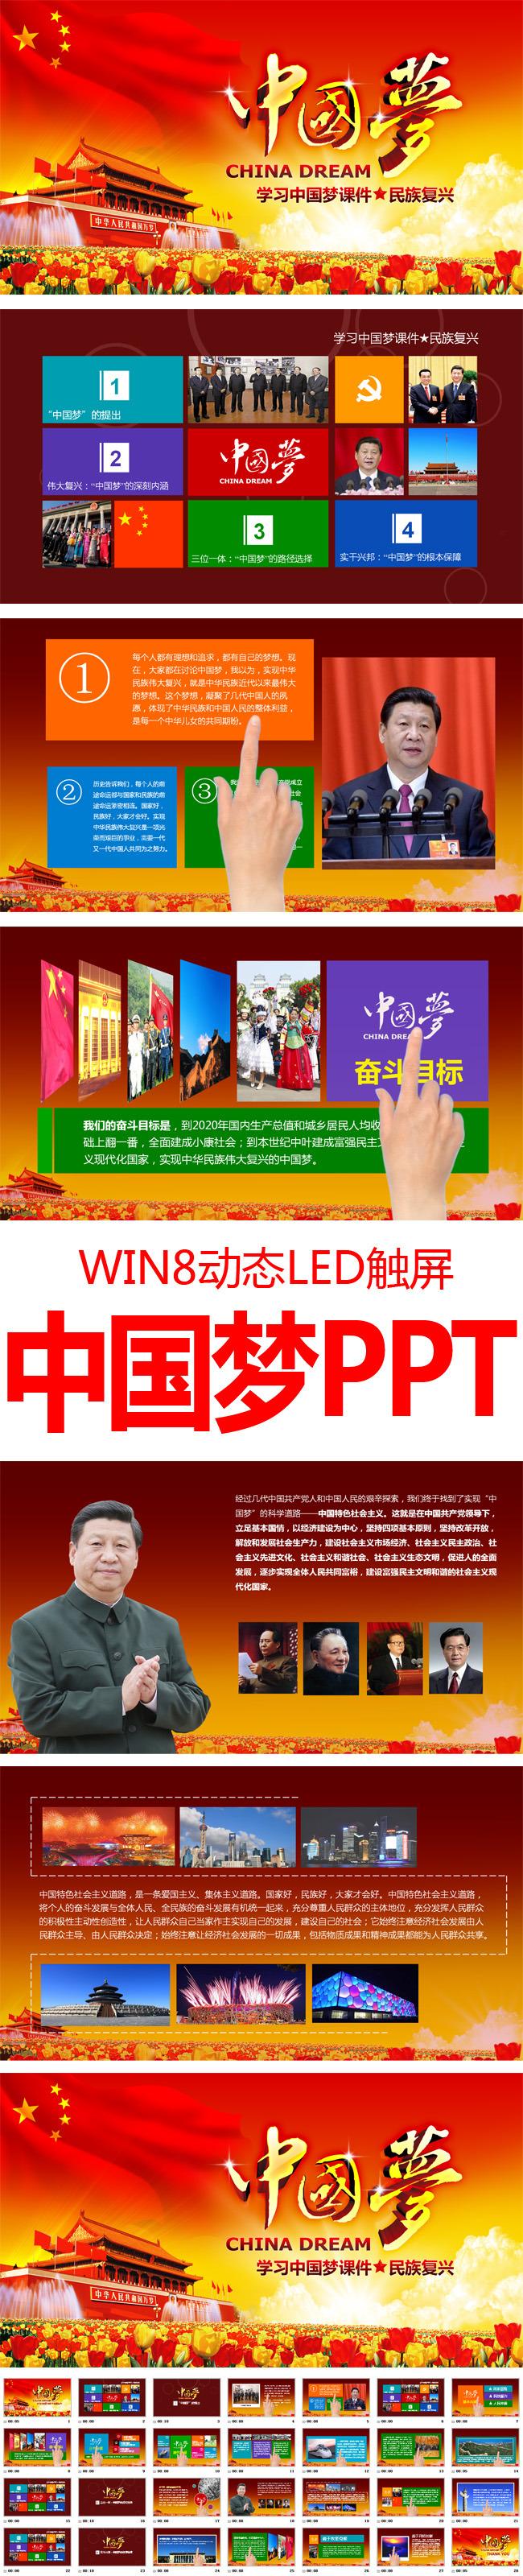 中国梦ppt模板动态ppt演讲稿背景图片